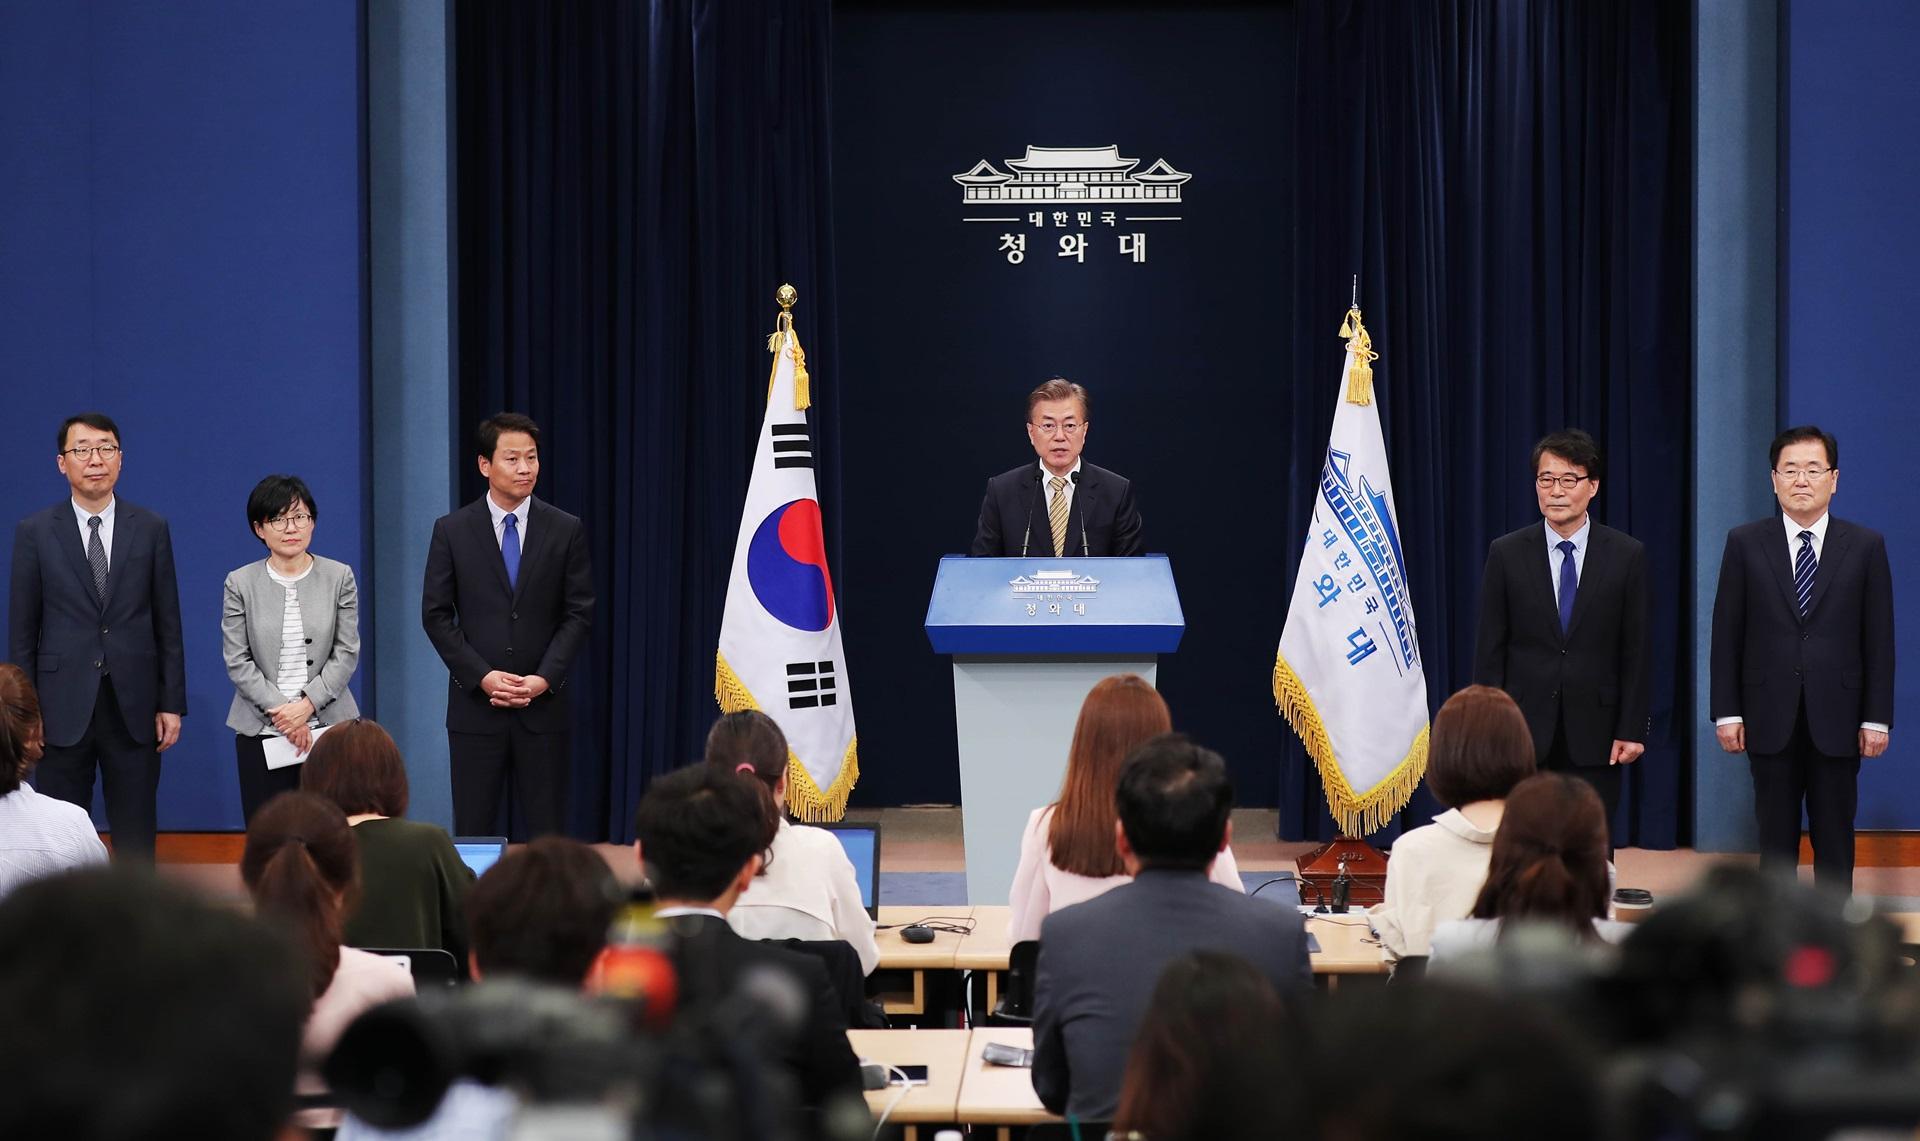 2018 남북관계 보고서 - 사건 요약정리